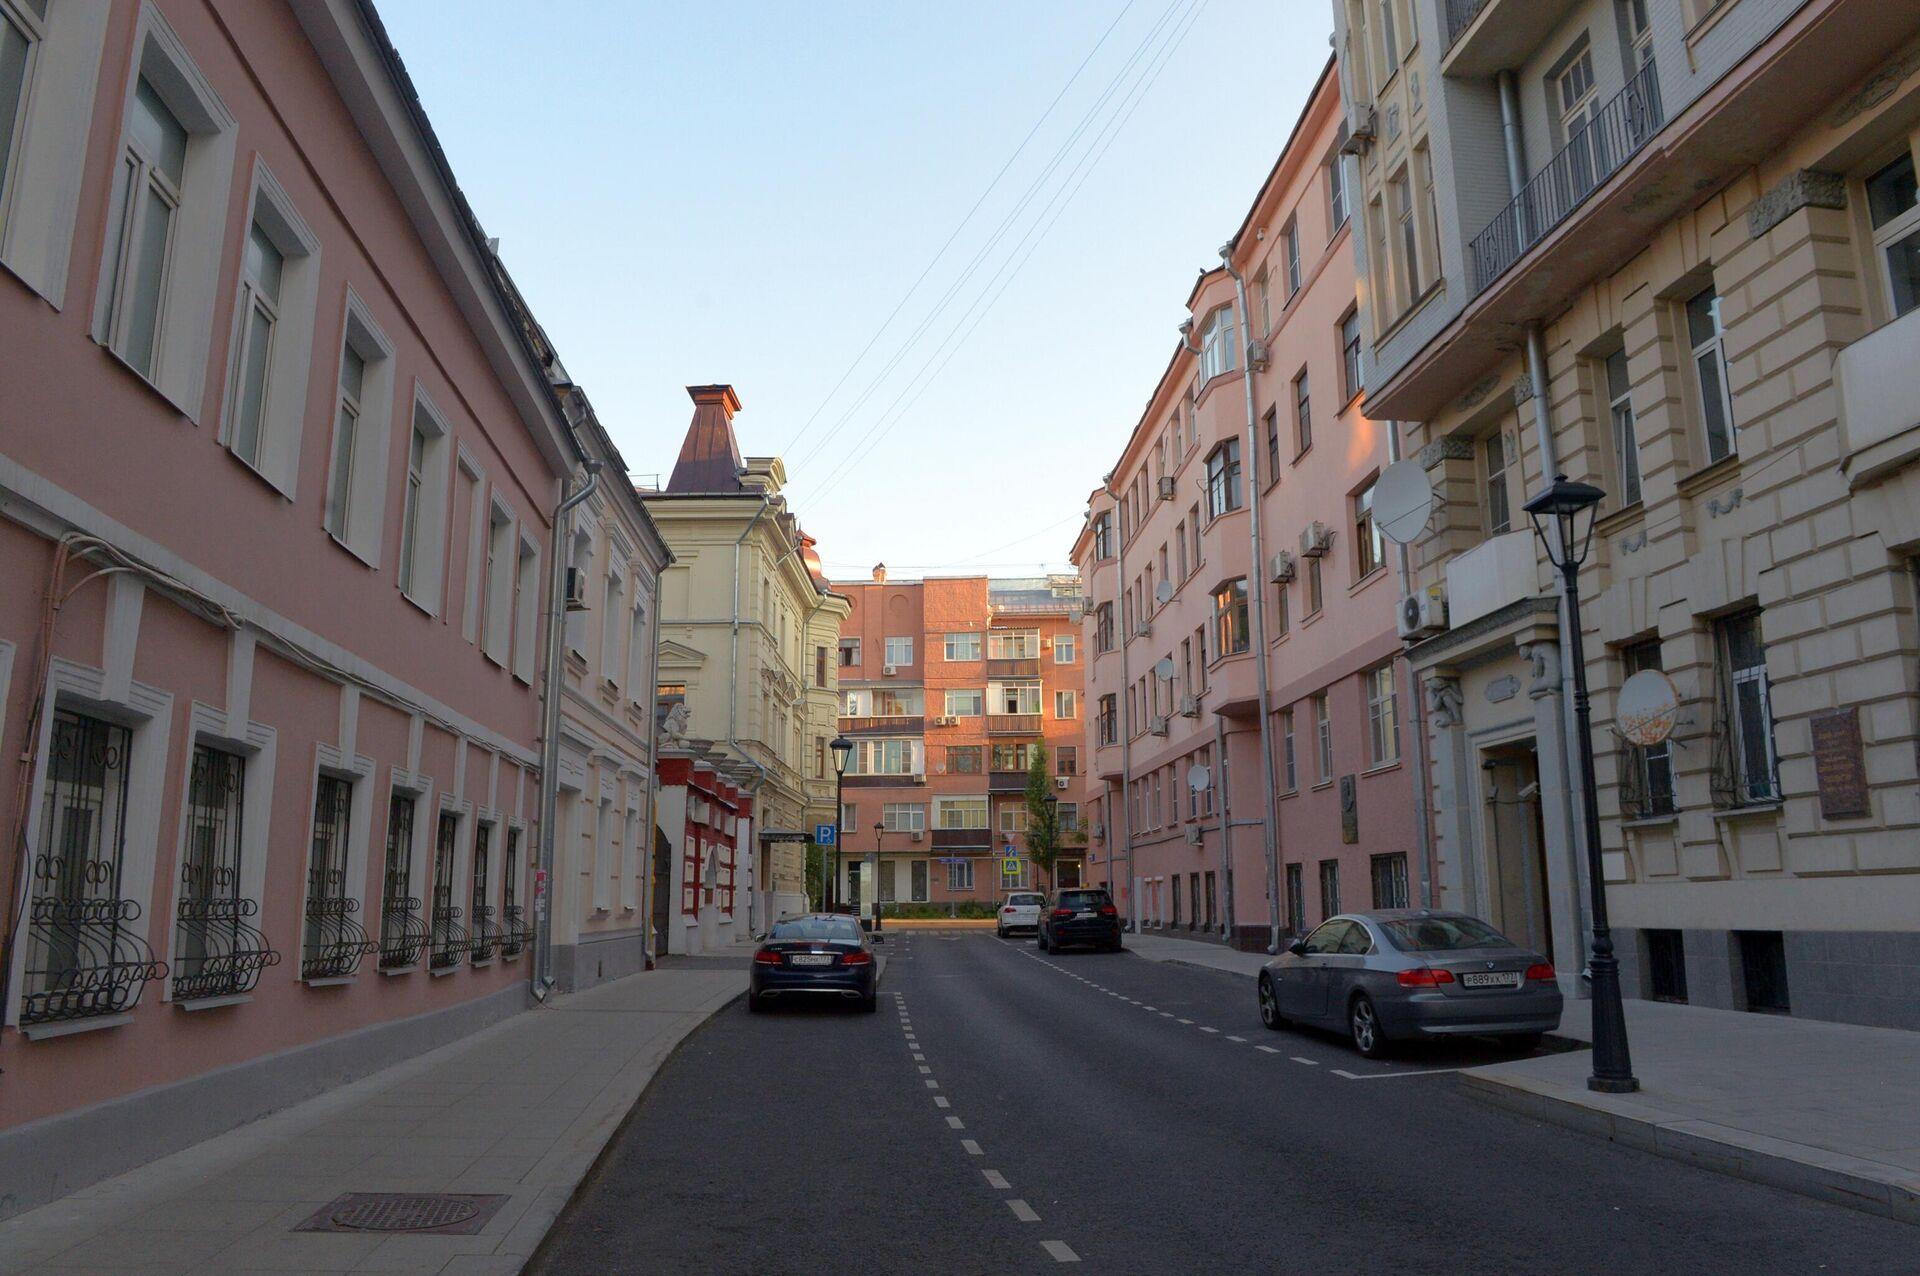 Дома на улице Чаплыгина в Москве - РИА Новости, 1920, 23.08.2021